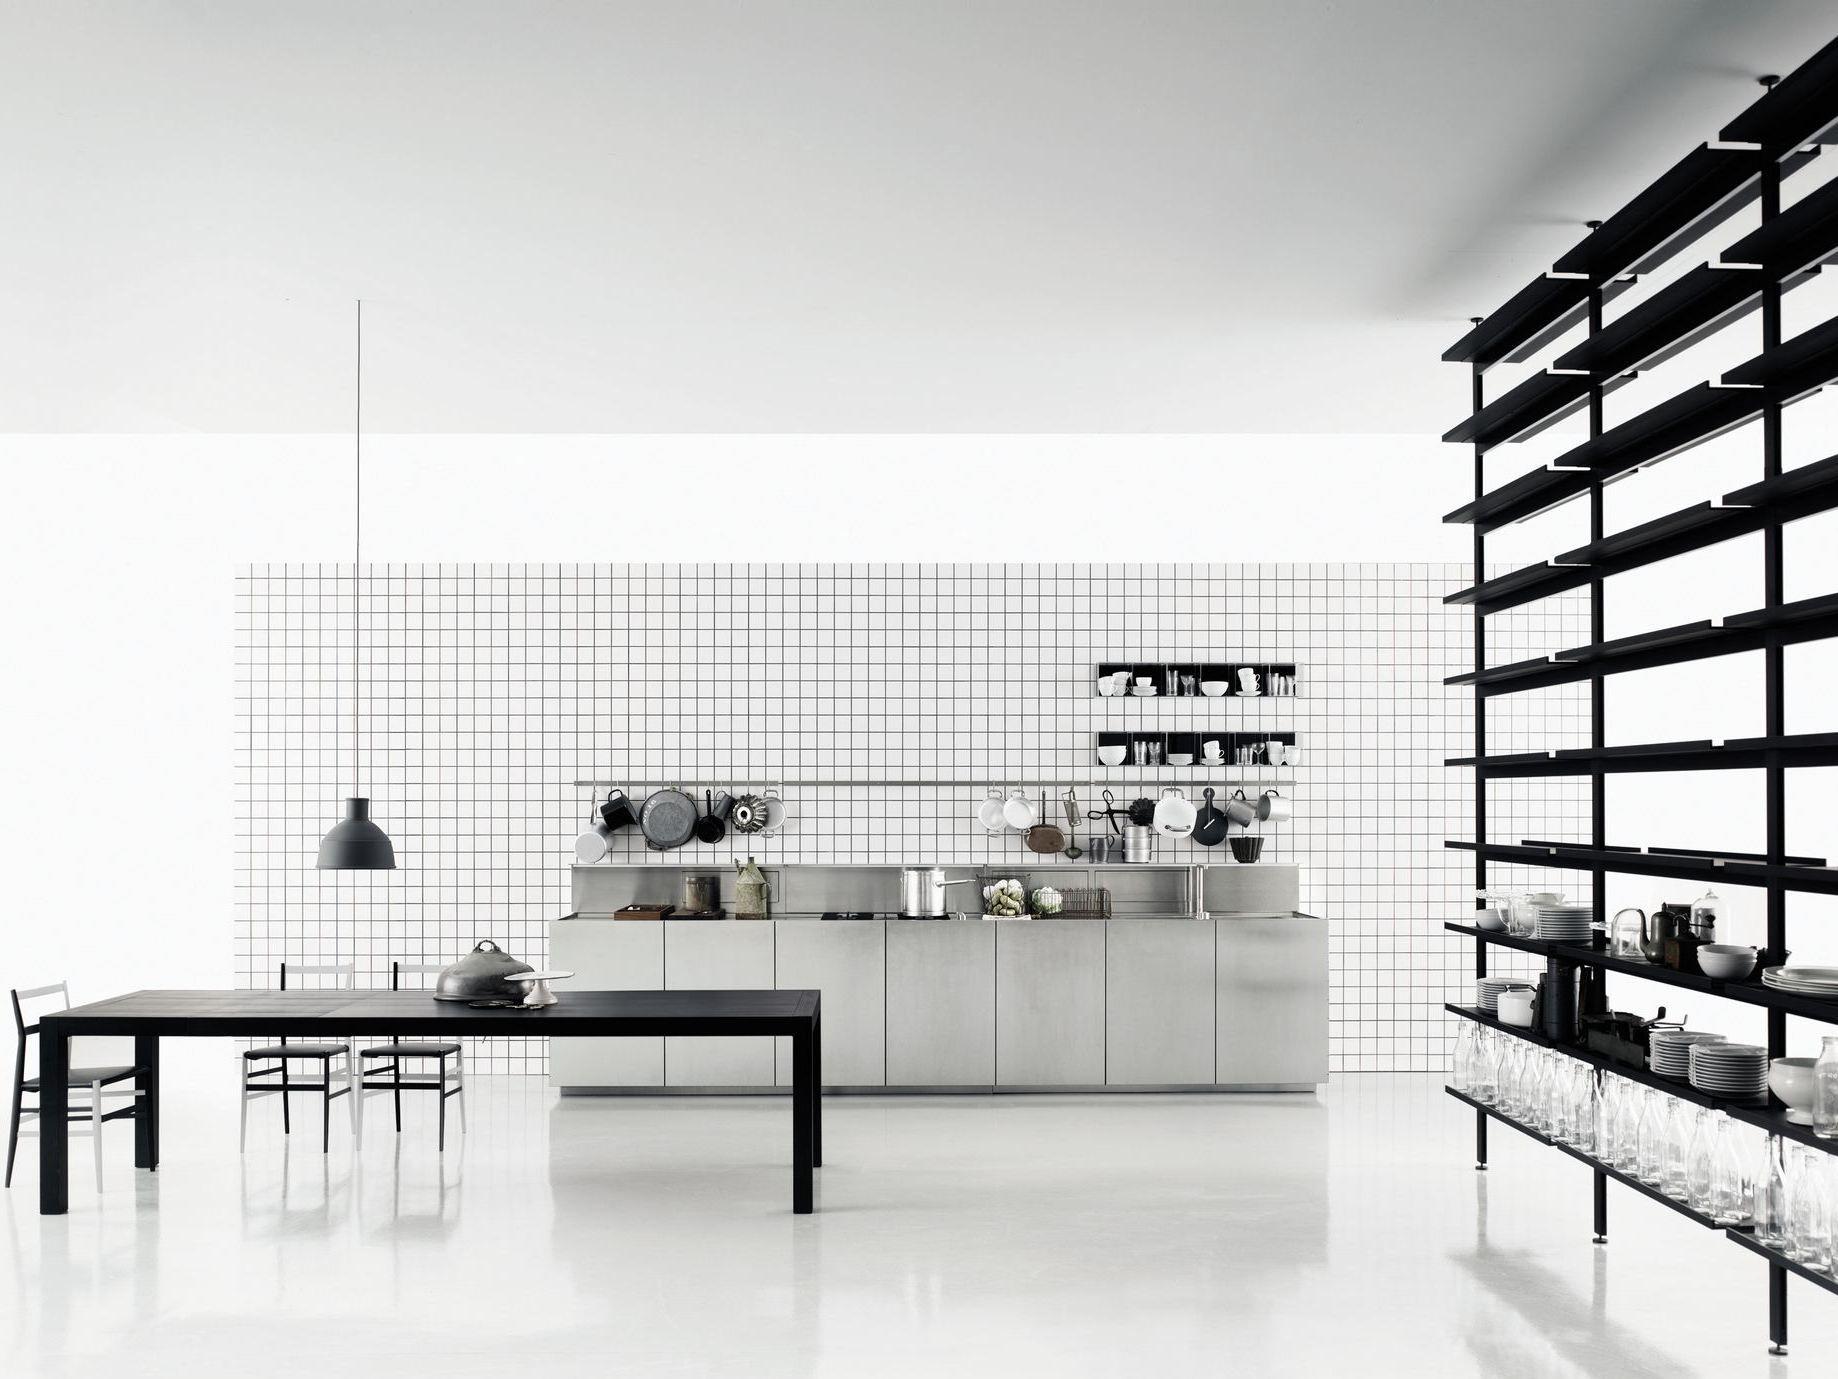 zeilen kche aus edelstahl k20 by boffi design norbert wangen - Design Edelstahl Kchen